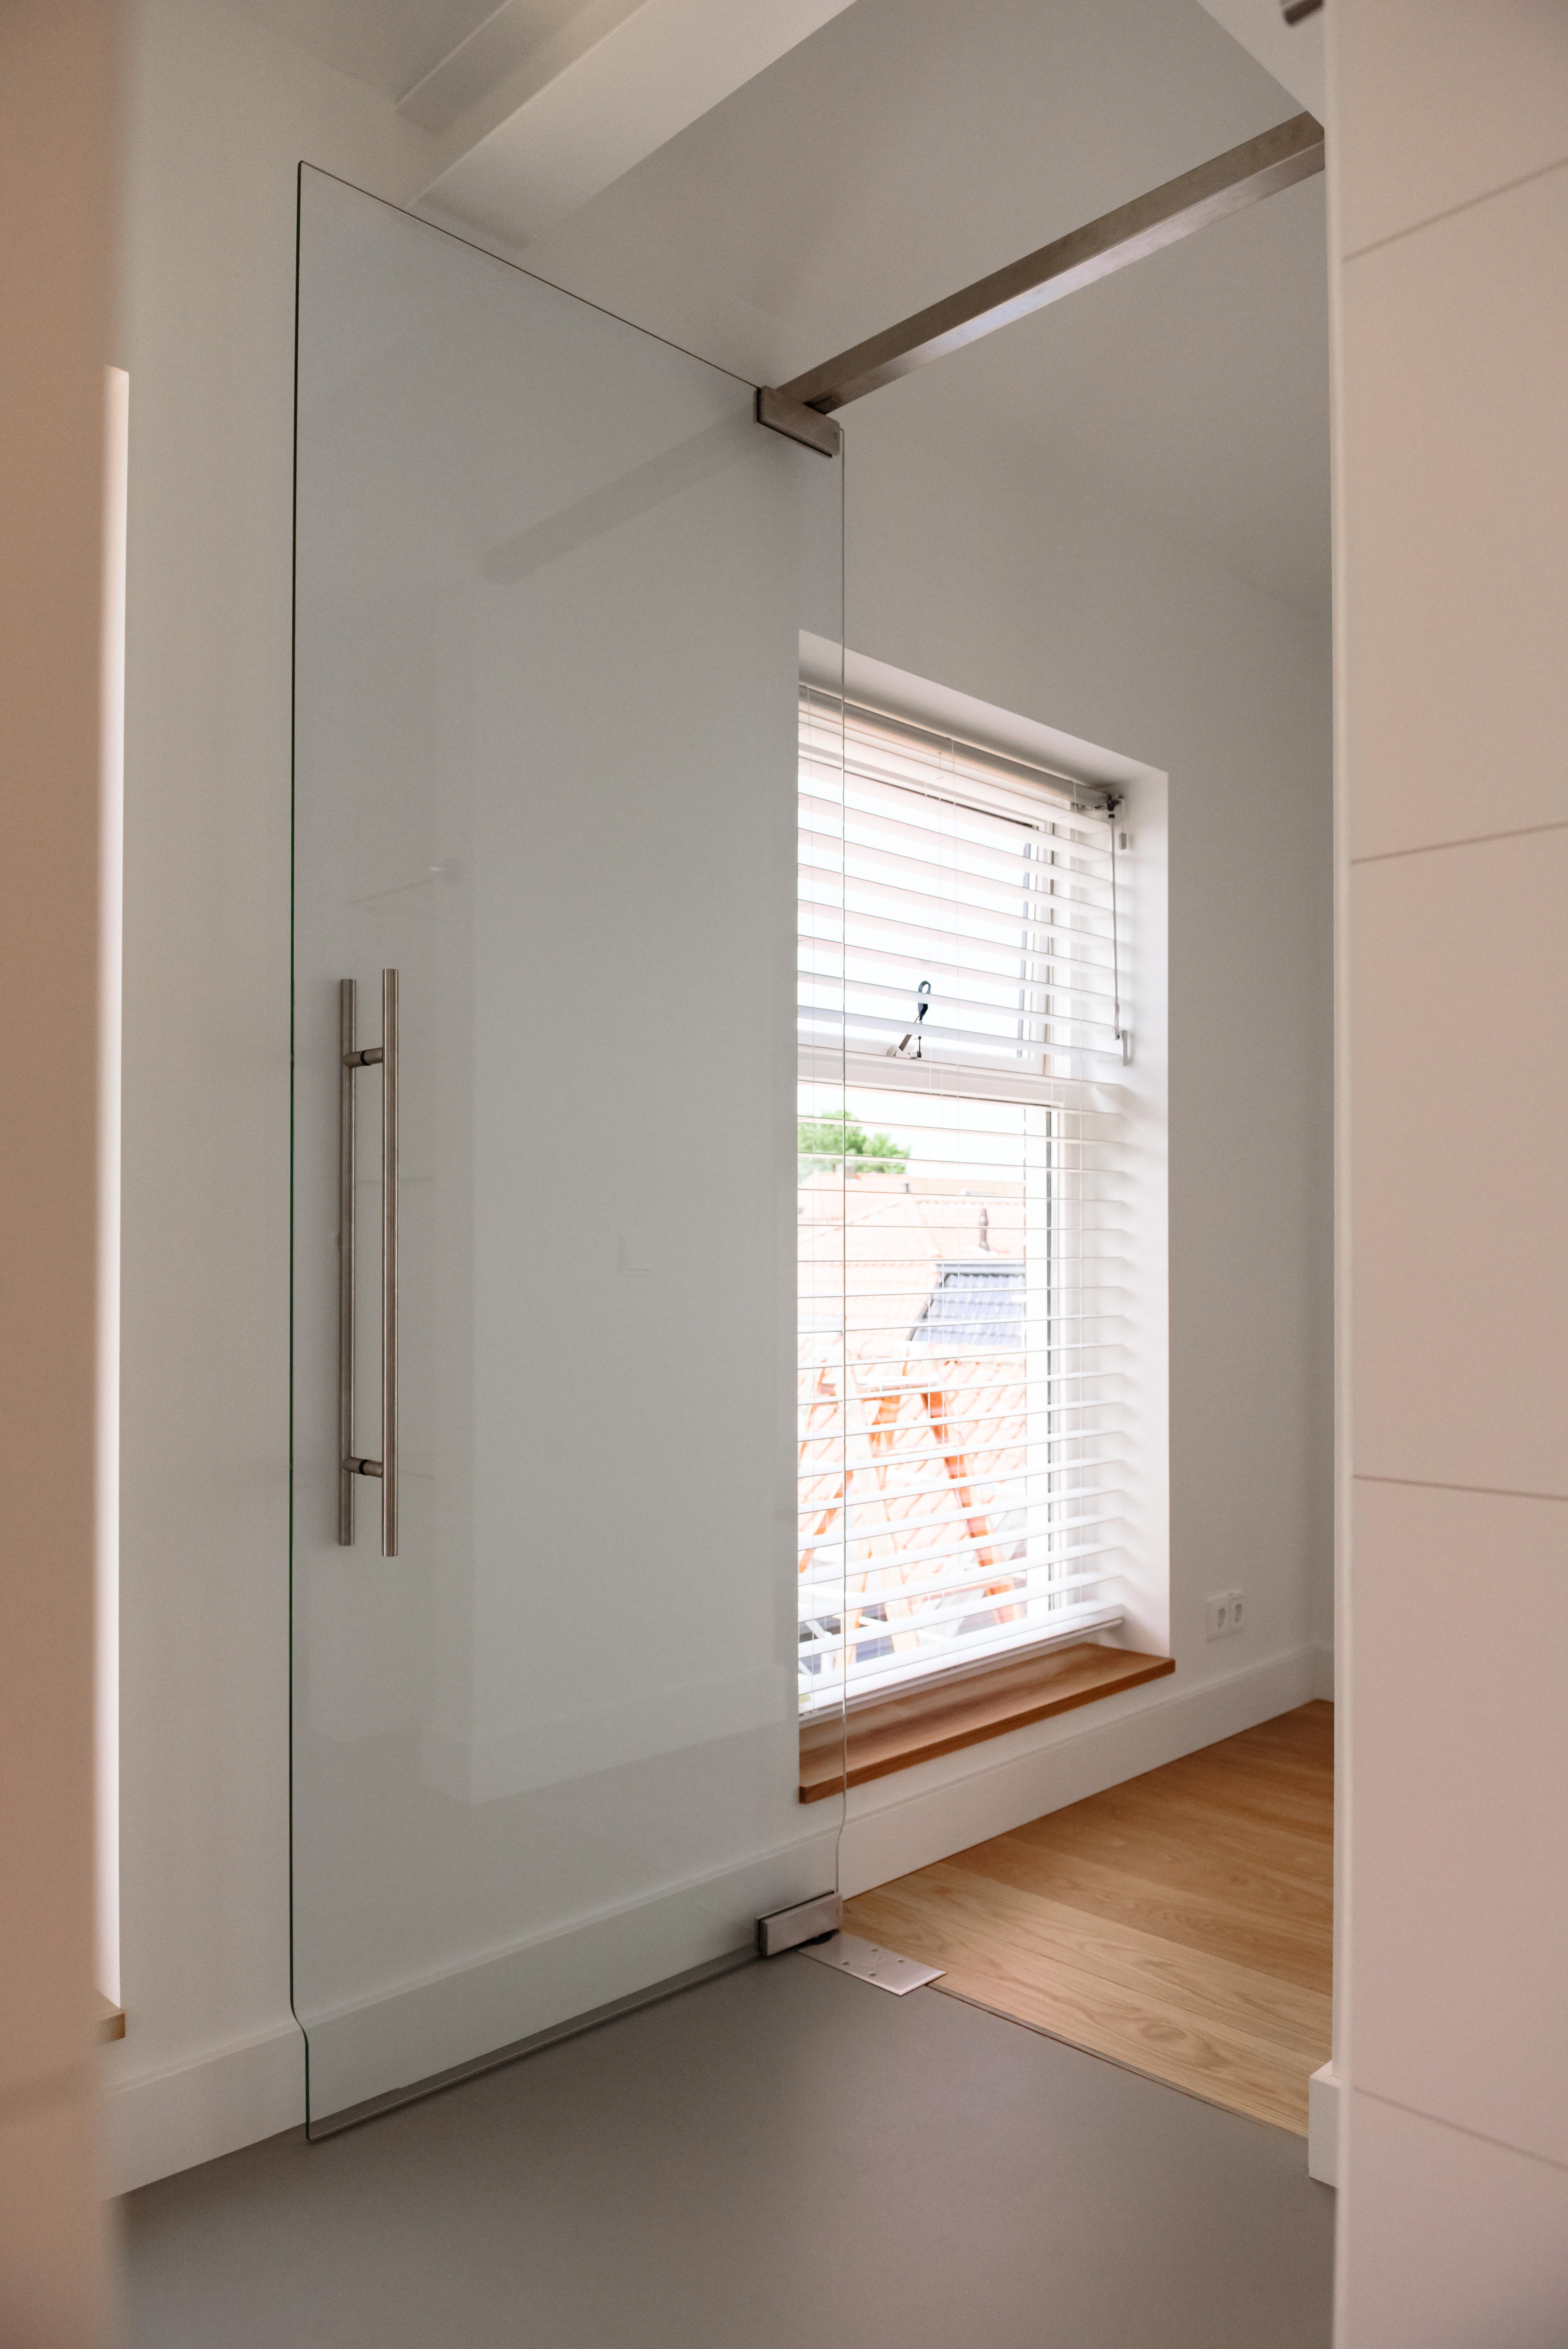 <p>Taatsdeur badkamer, visueel verbinden van ruimtes</p>